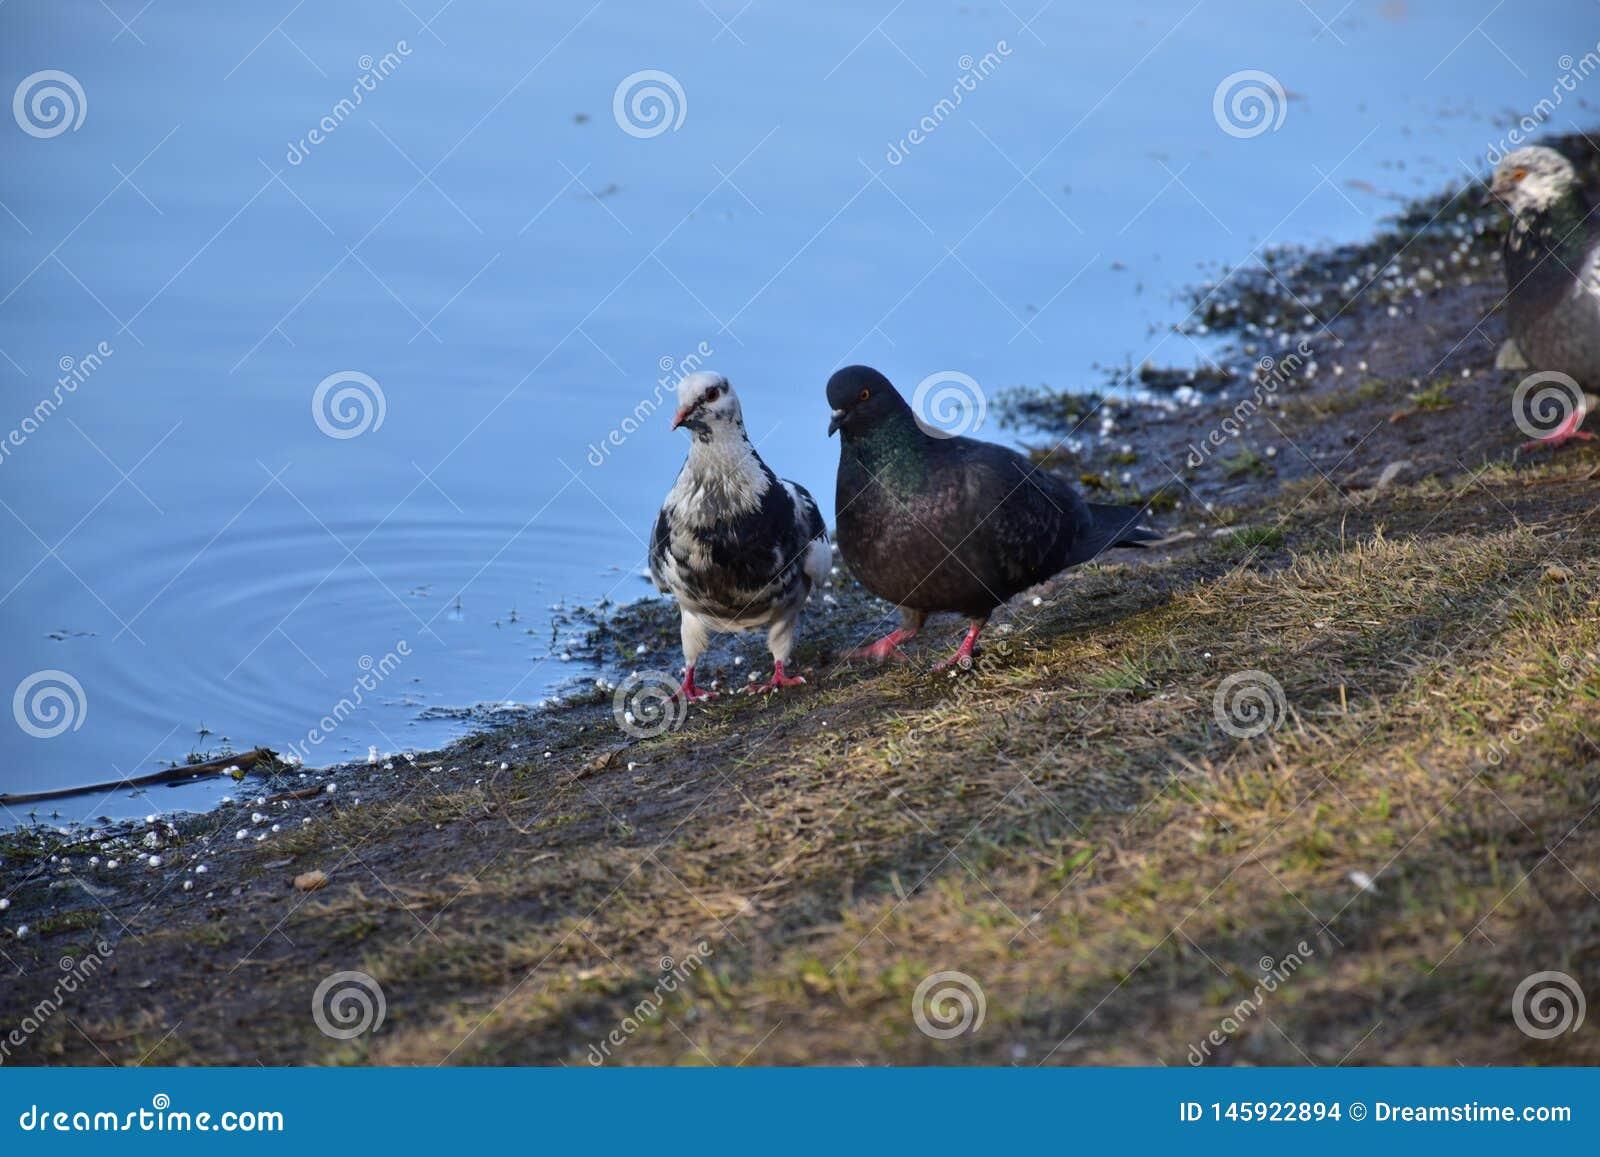 Pair of pigeons - newlyweds